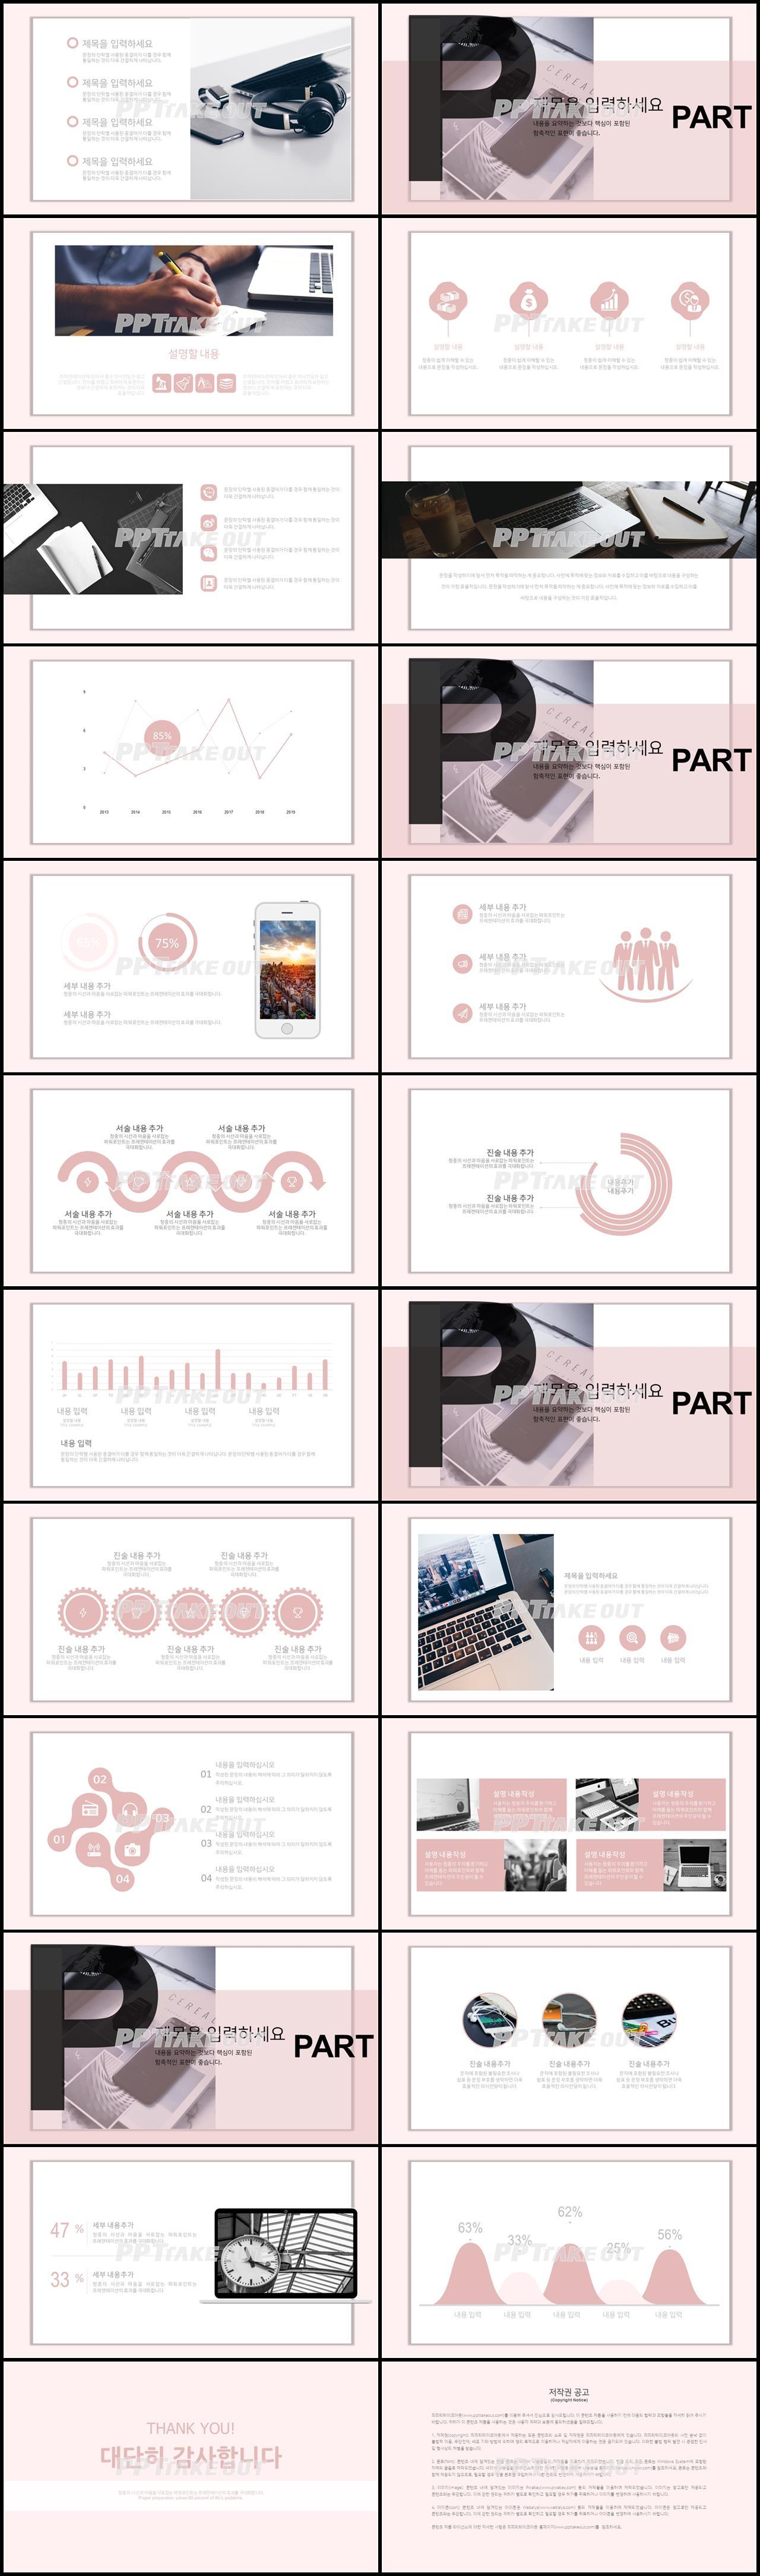 사업융자 분홍색 폼나는 매력적인 피피티서식 제작 상세보기